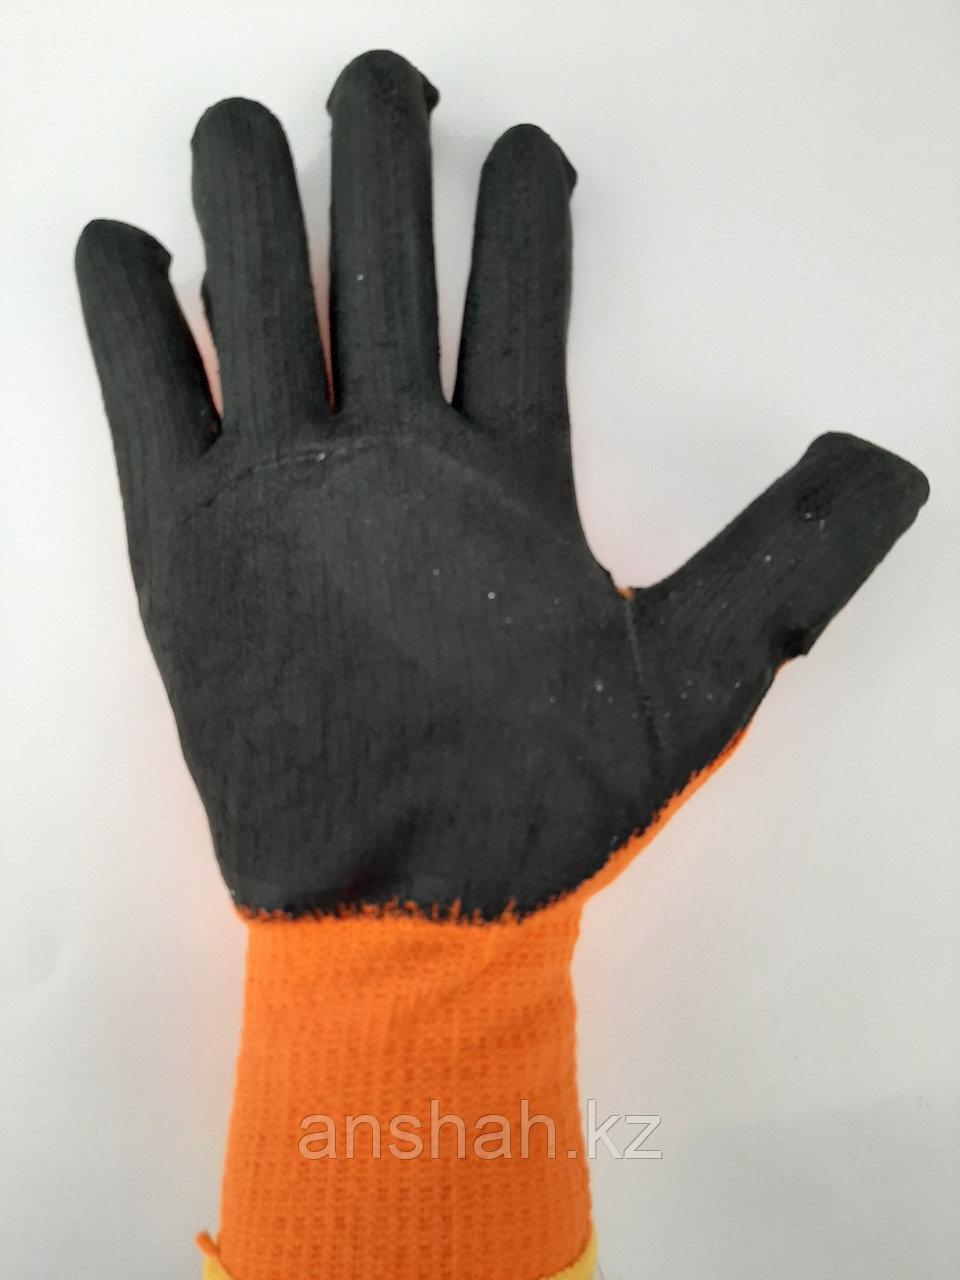 Прорезиненые плотные перчатки оранжевые  300#  оригинал